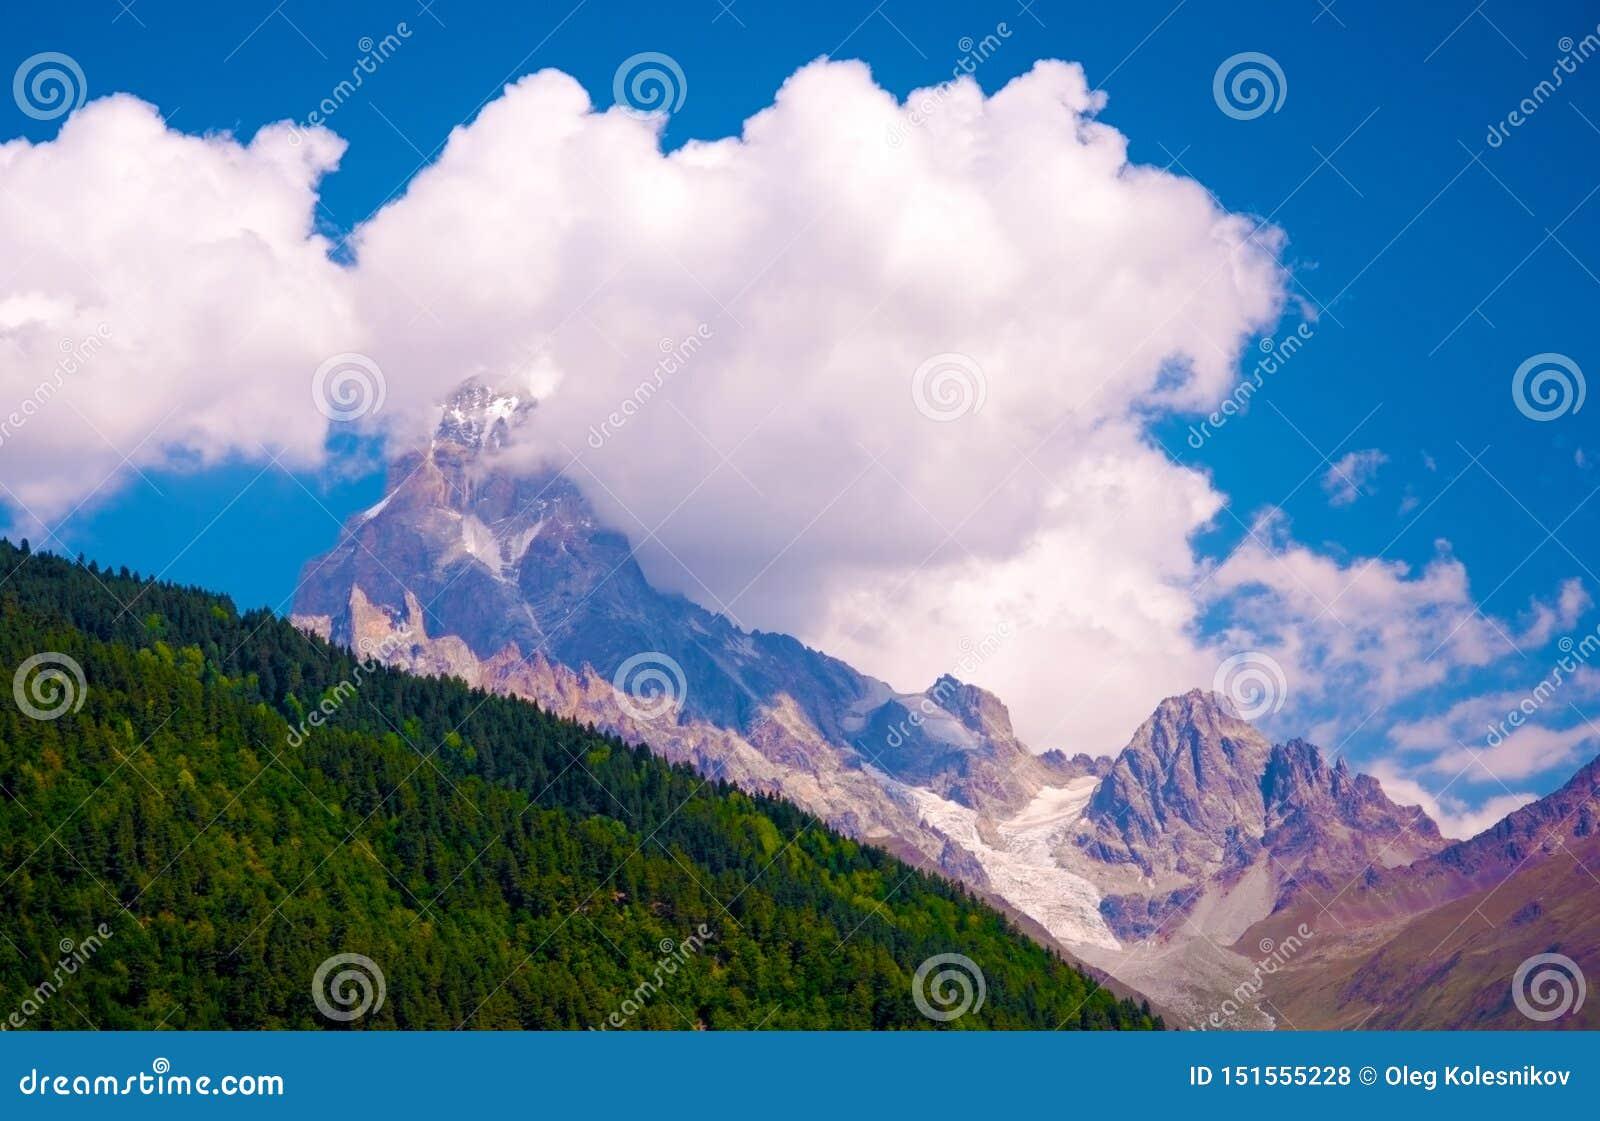 绿色和多雪的山、云彩和冰川在乔治亚 山风景在晴朗的夏日